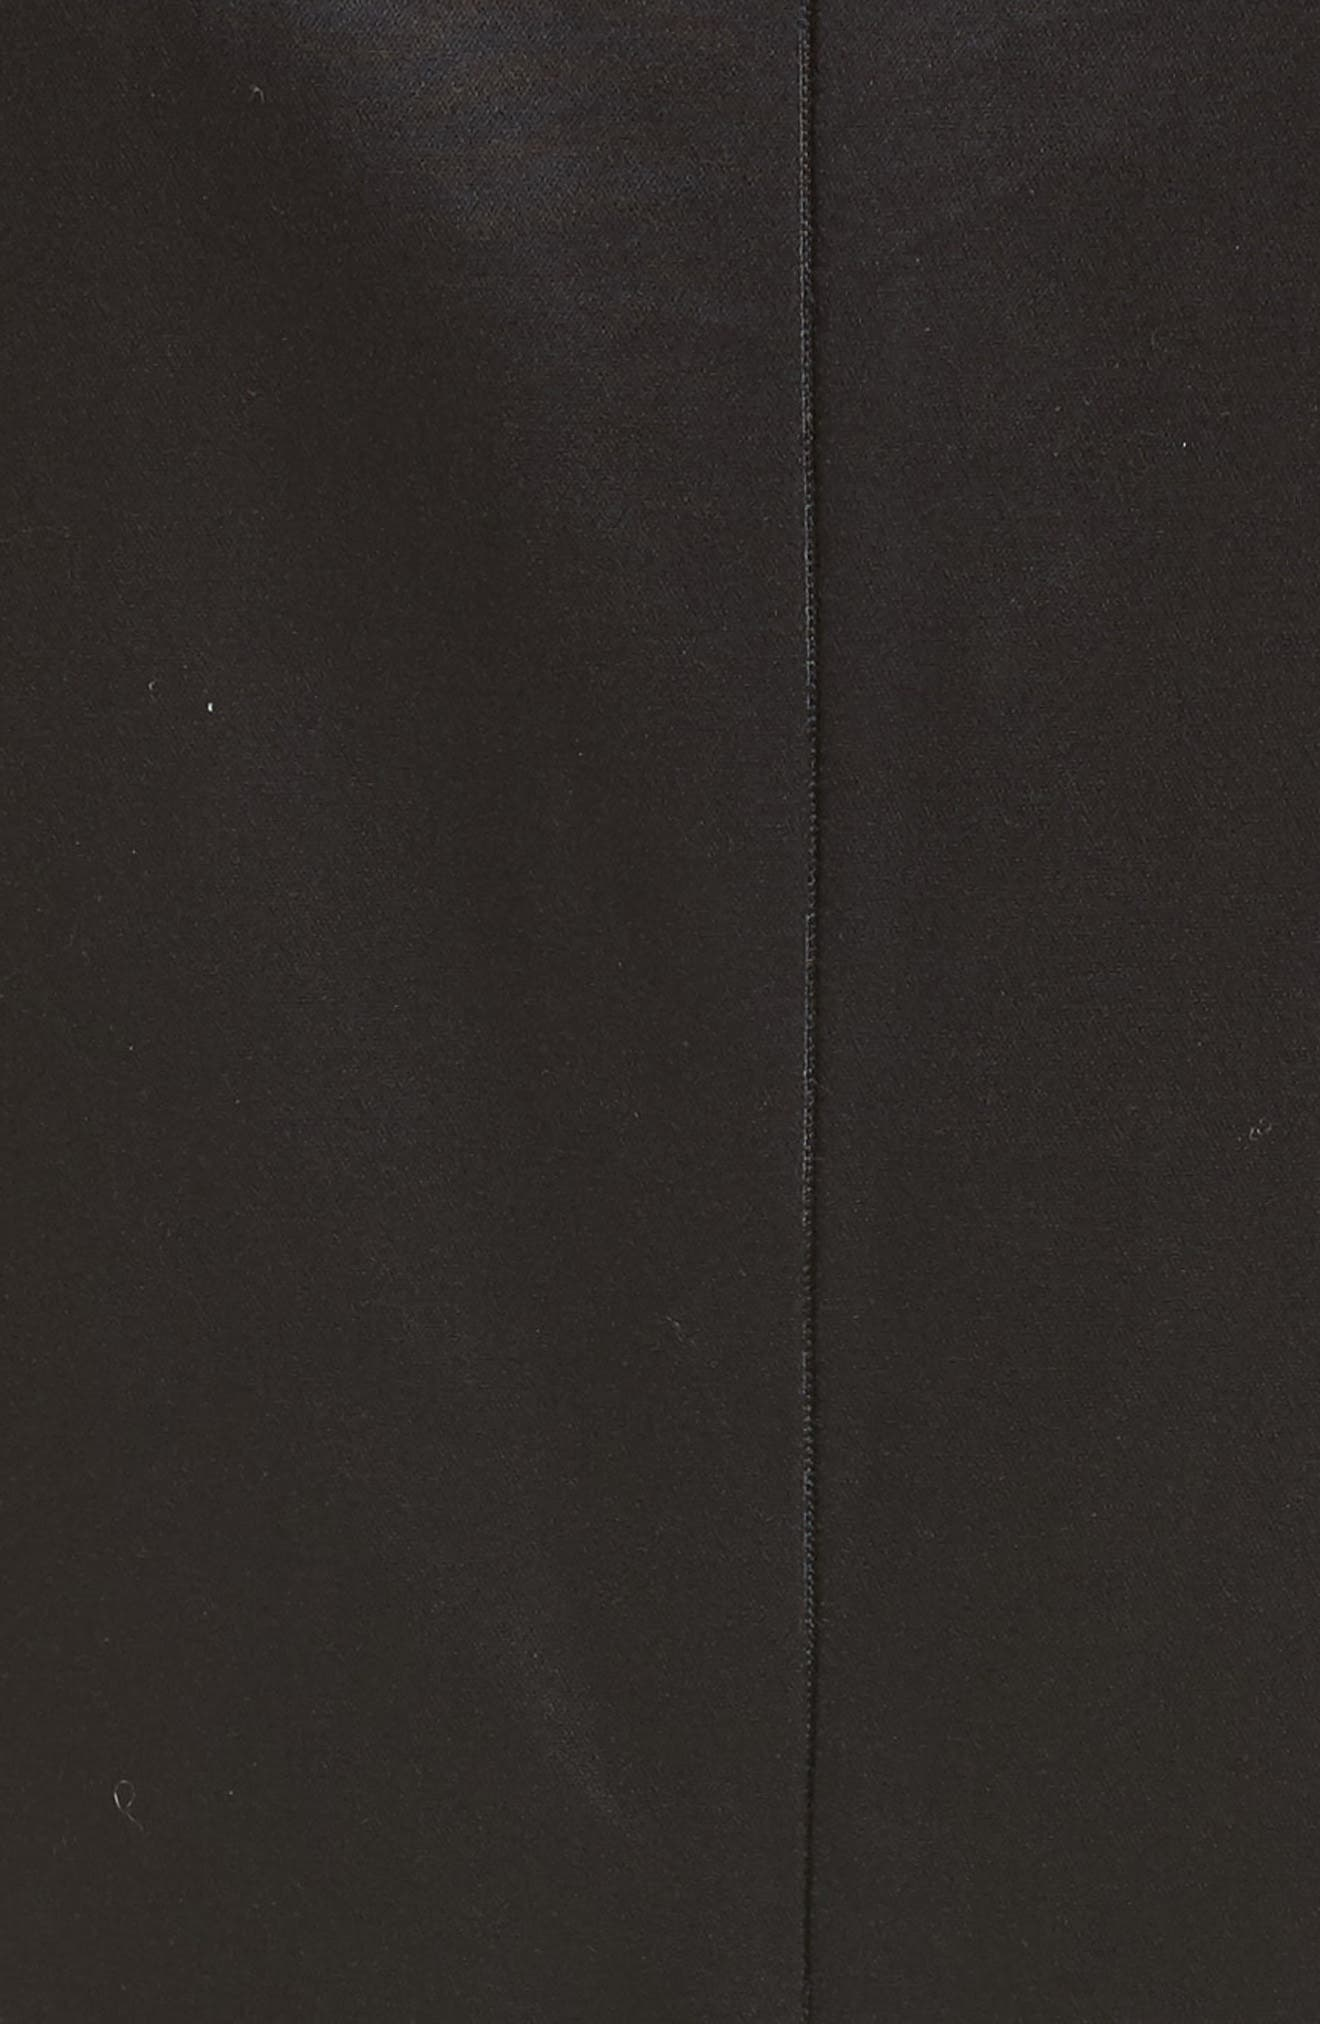 Cotton Sateen A-Line Dress,                             Alternate thumbnail 5, color,                             001